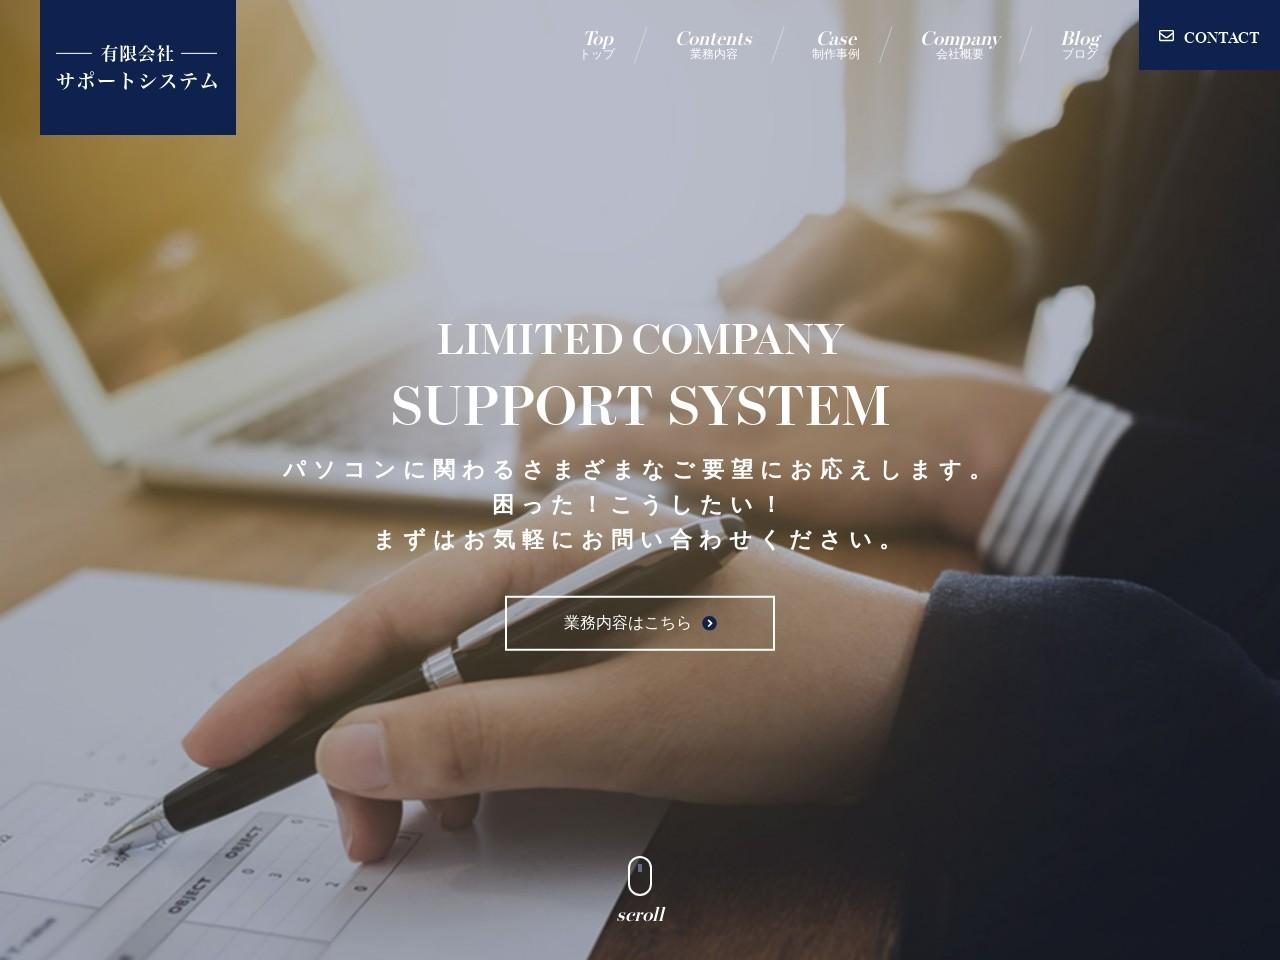 有限会社サポートシステム